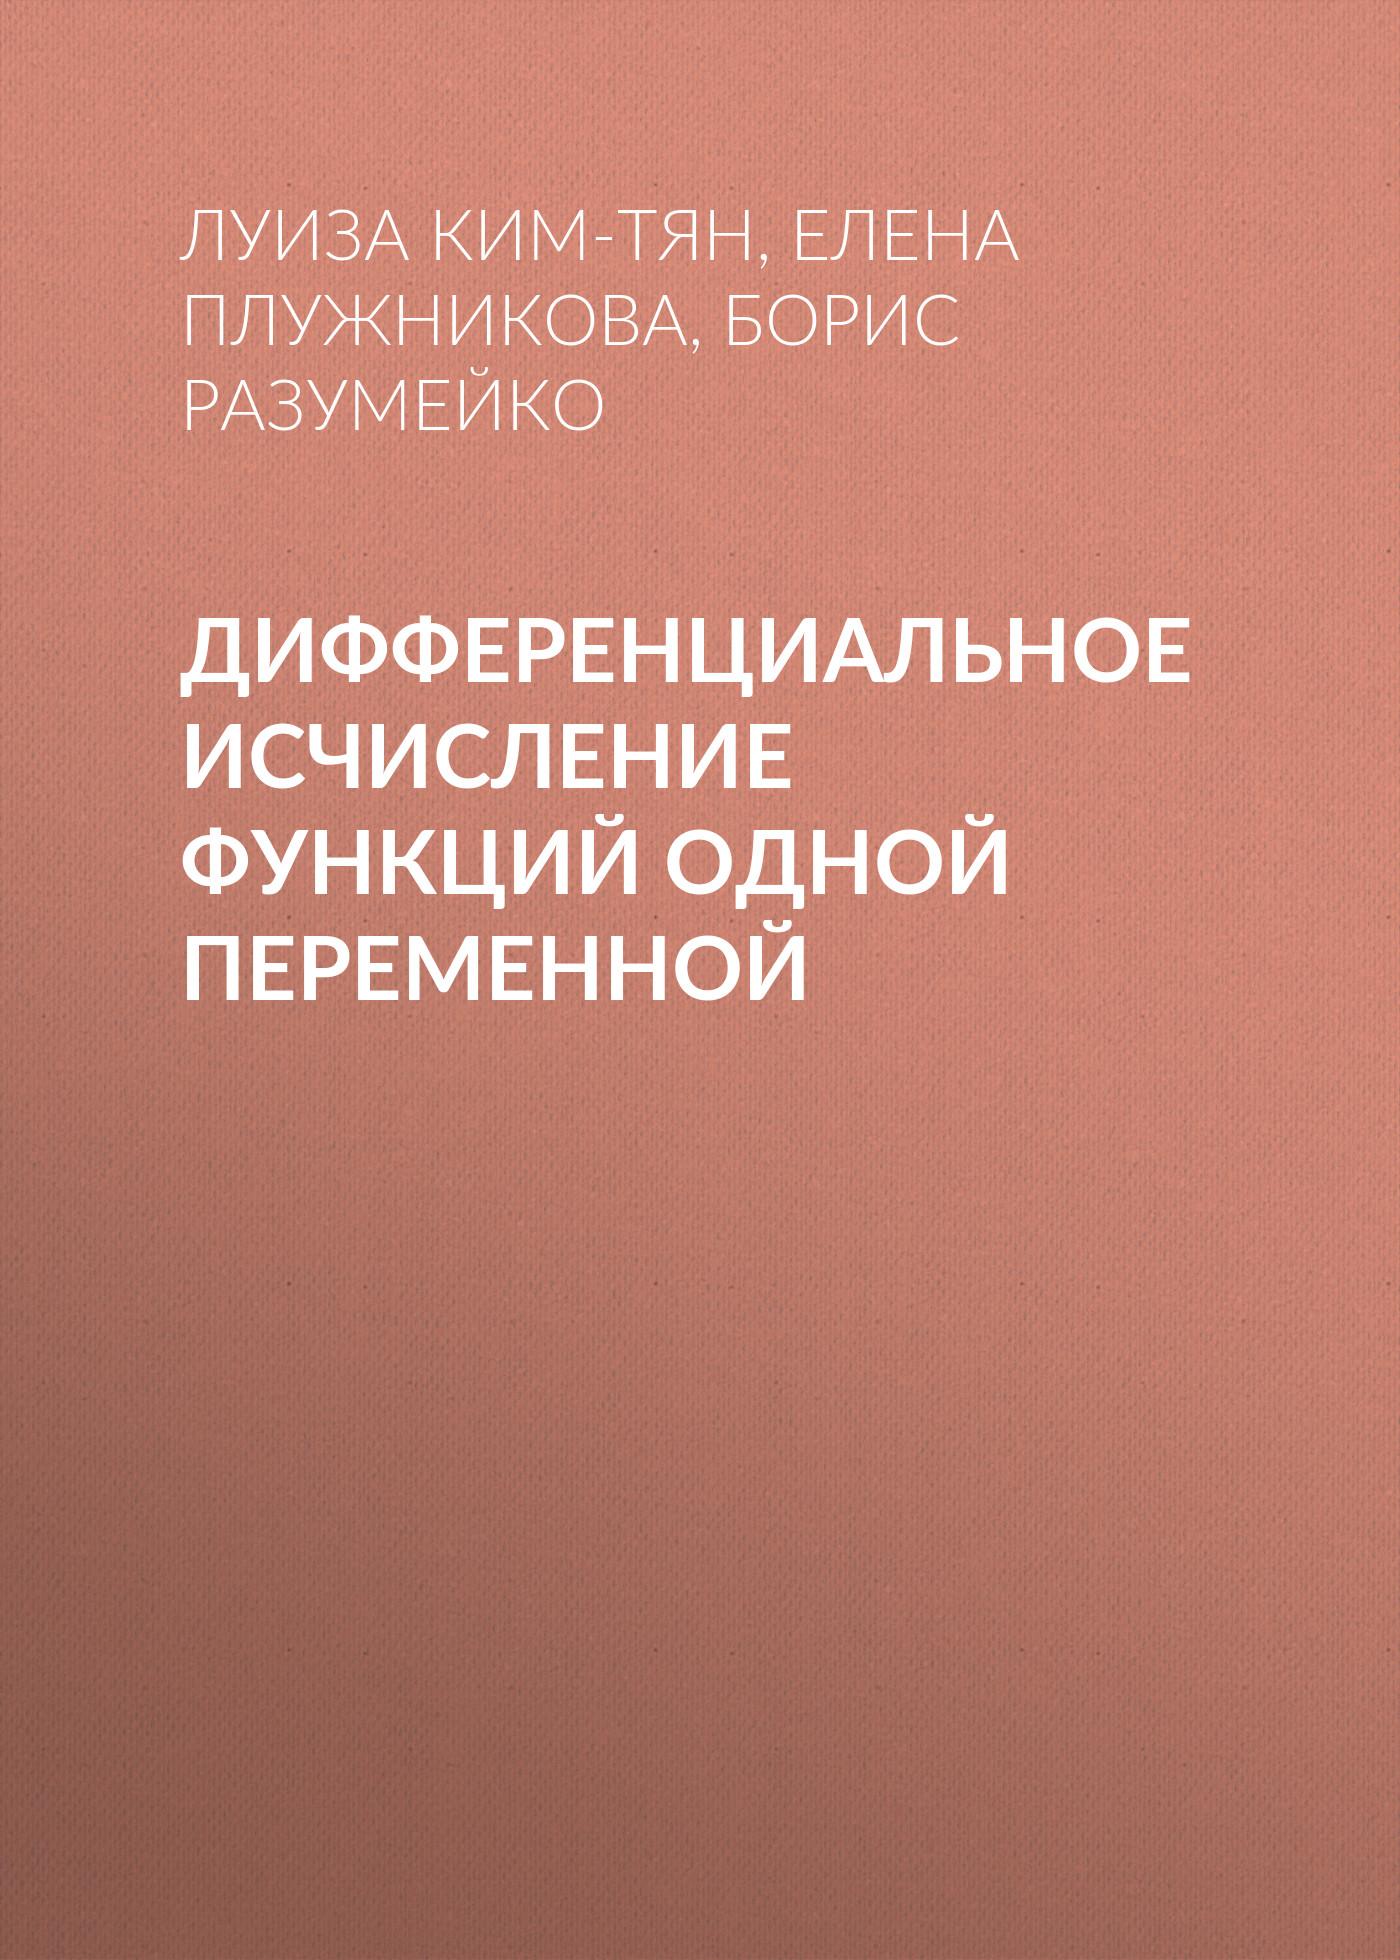 Е. Л. Плужникова Дифференциальное исчисление функций одной переменной сергей шерстов математика предел функции дифференциальное и интегральное исчисление функций одной переменной